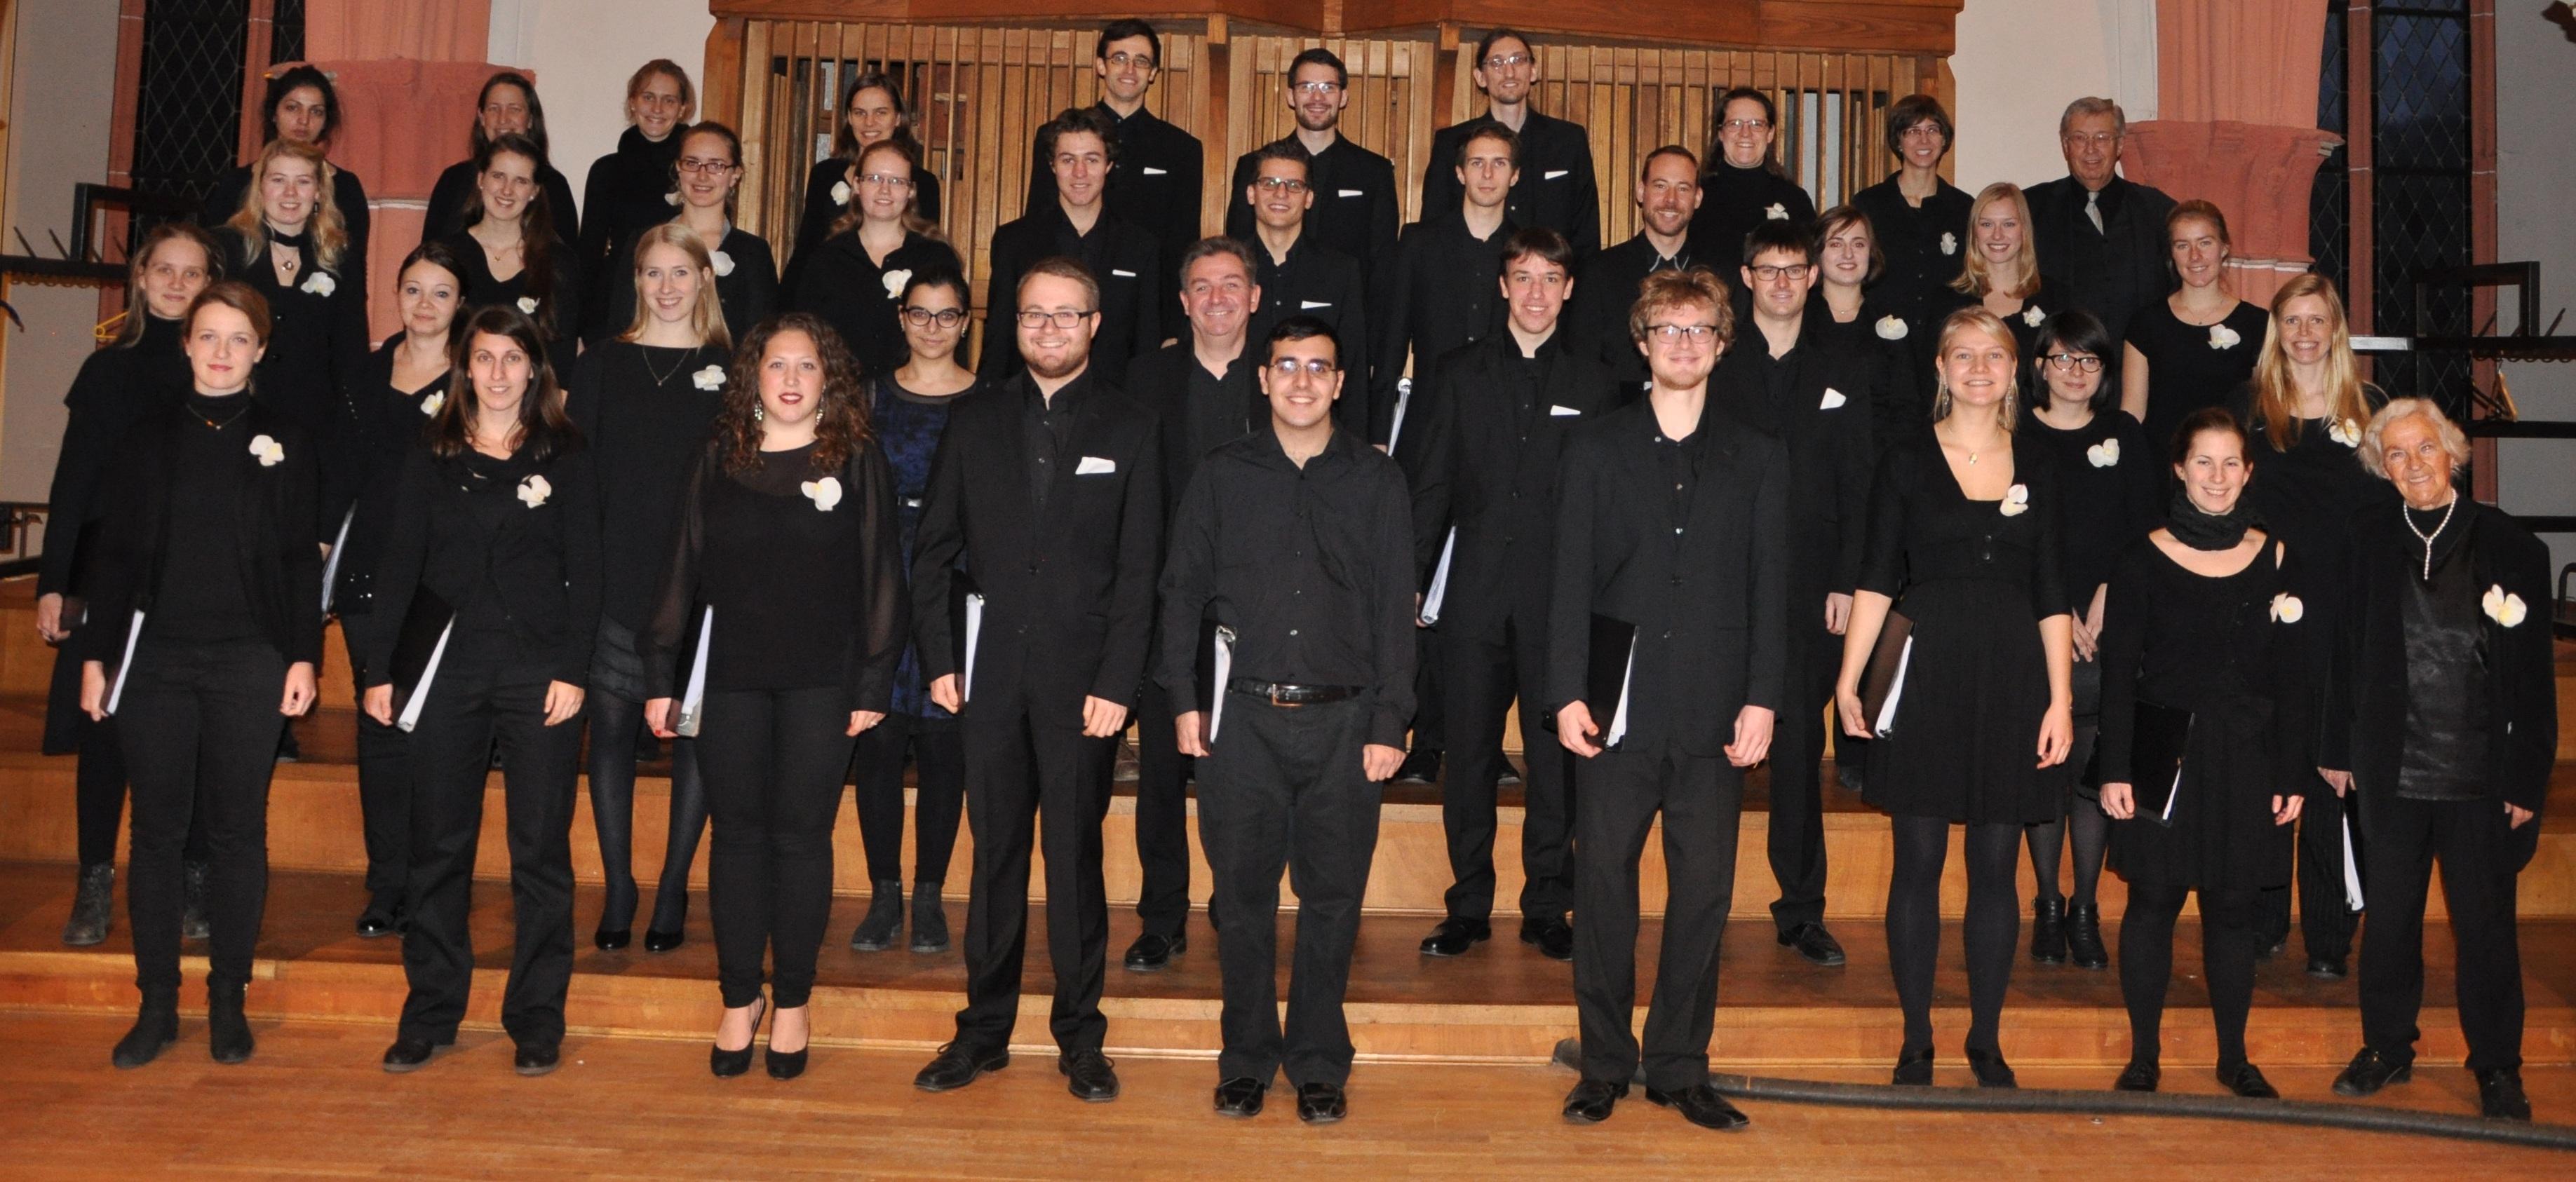 Camca I Quality Of A Choir Leader